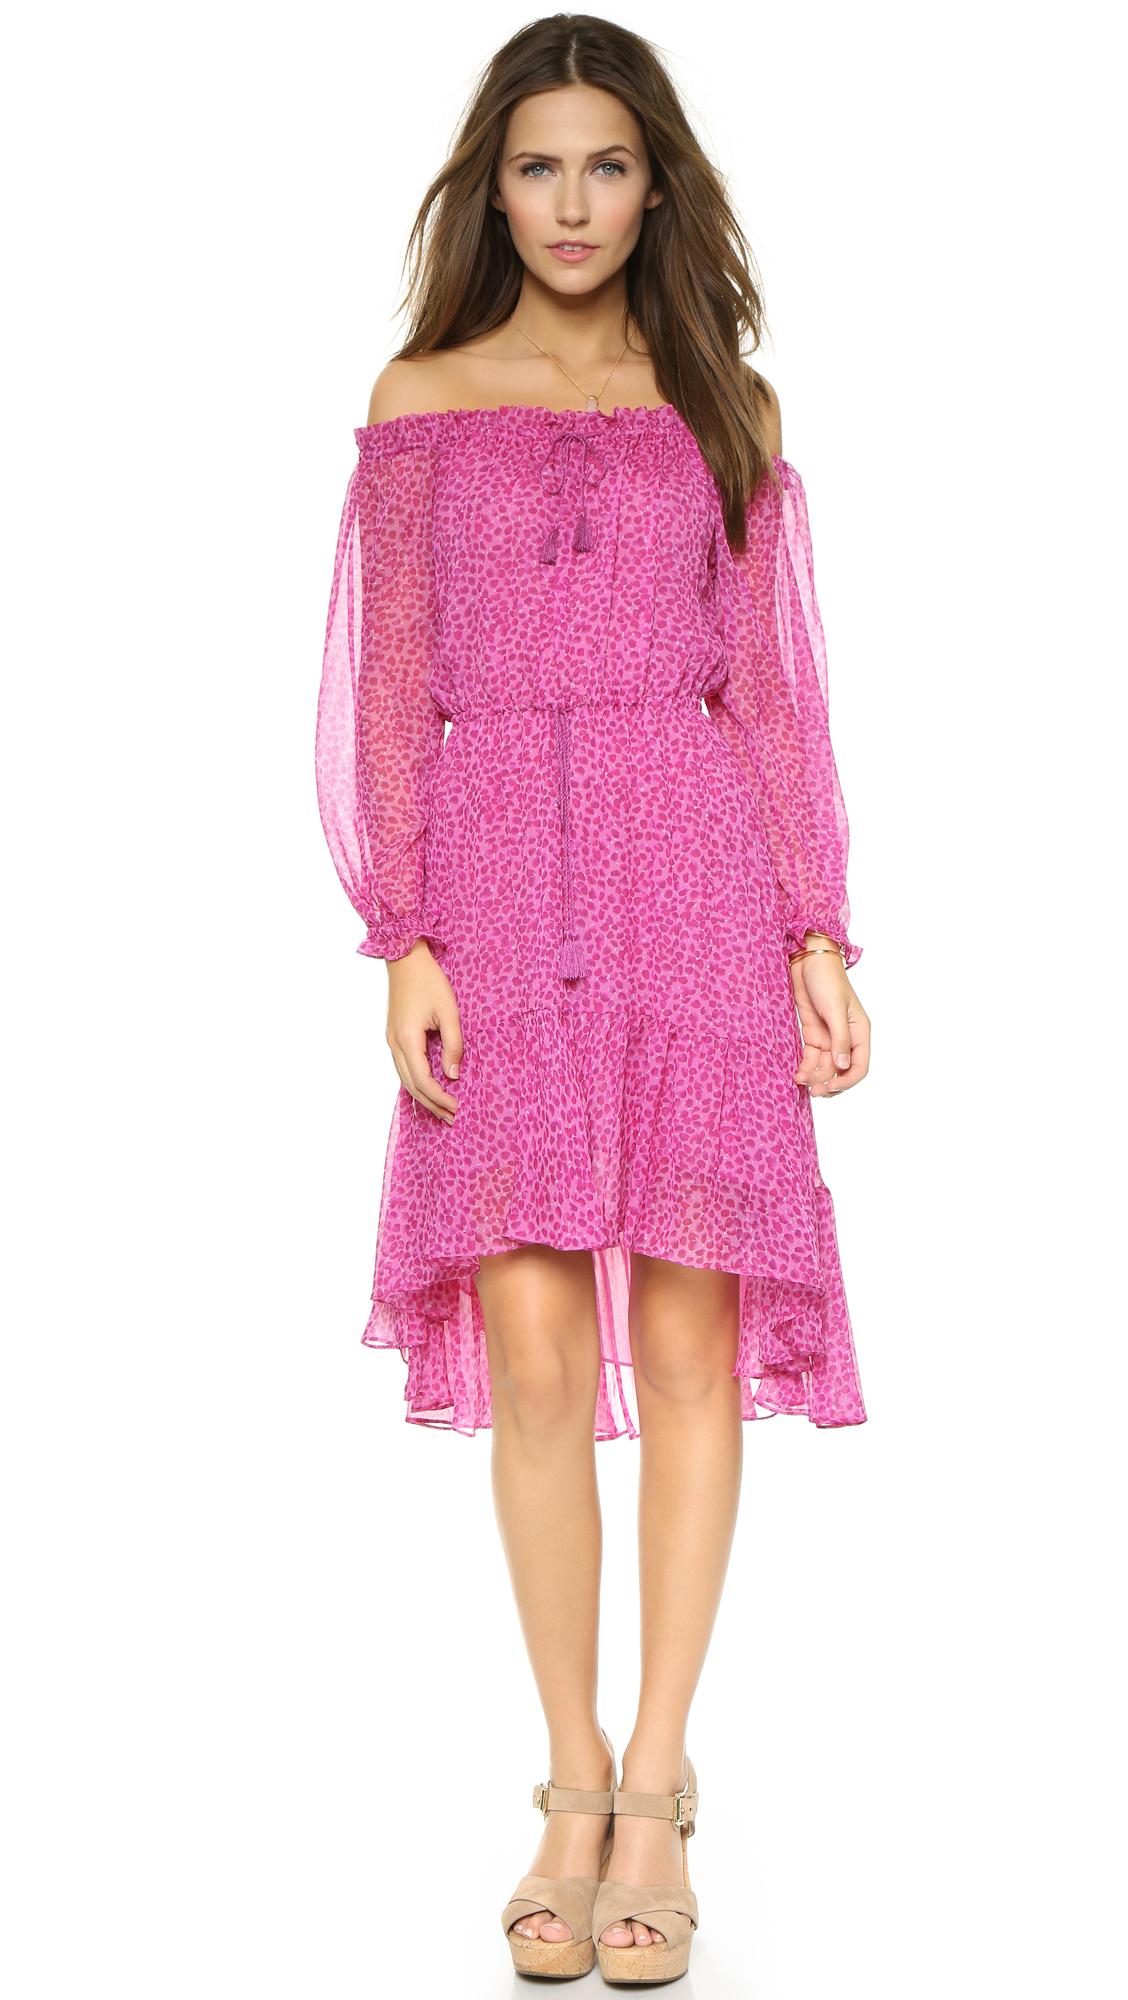 diane von furstenberg camila dress in pink petal dreams. Black Bedroom Furniture Sets. Home Design Ideas